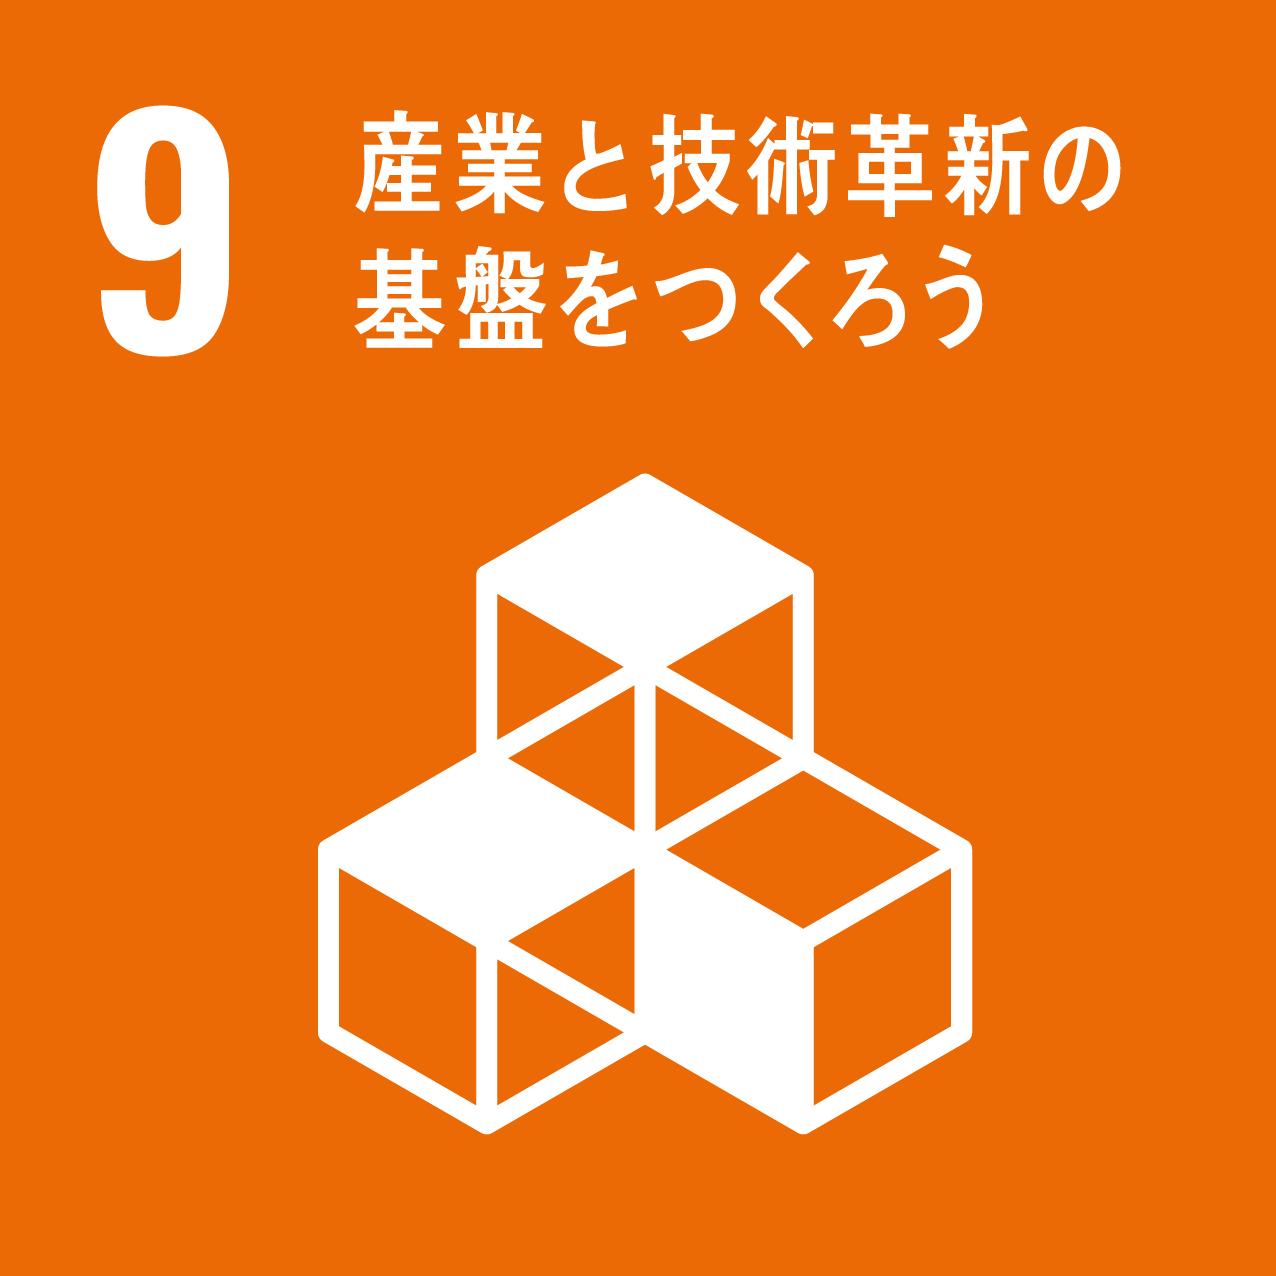 SDGs 9.産業と技術革新の基盤をつくろう